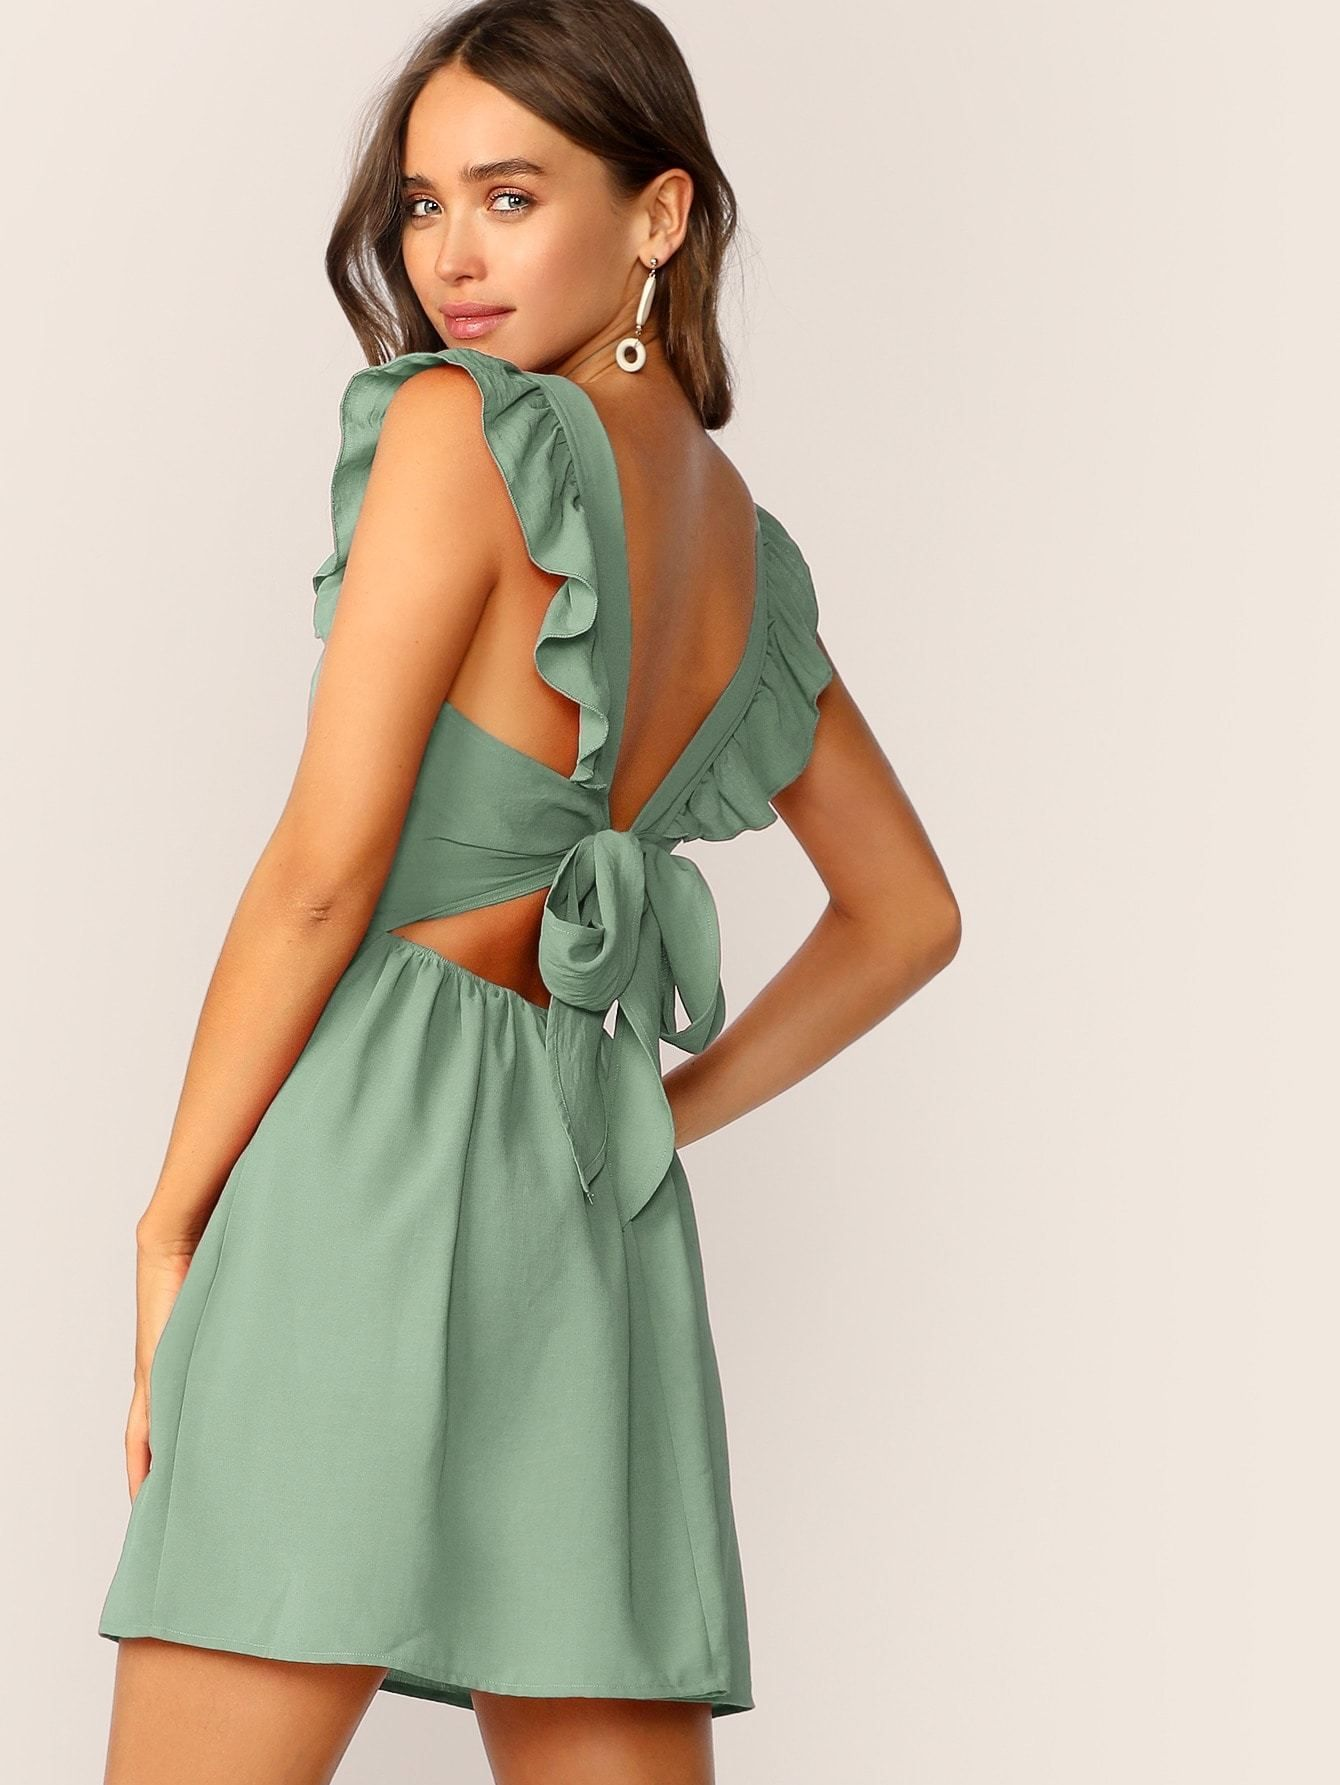 36++ Tie back dress ideas